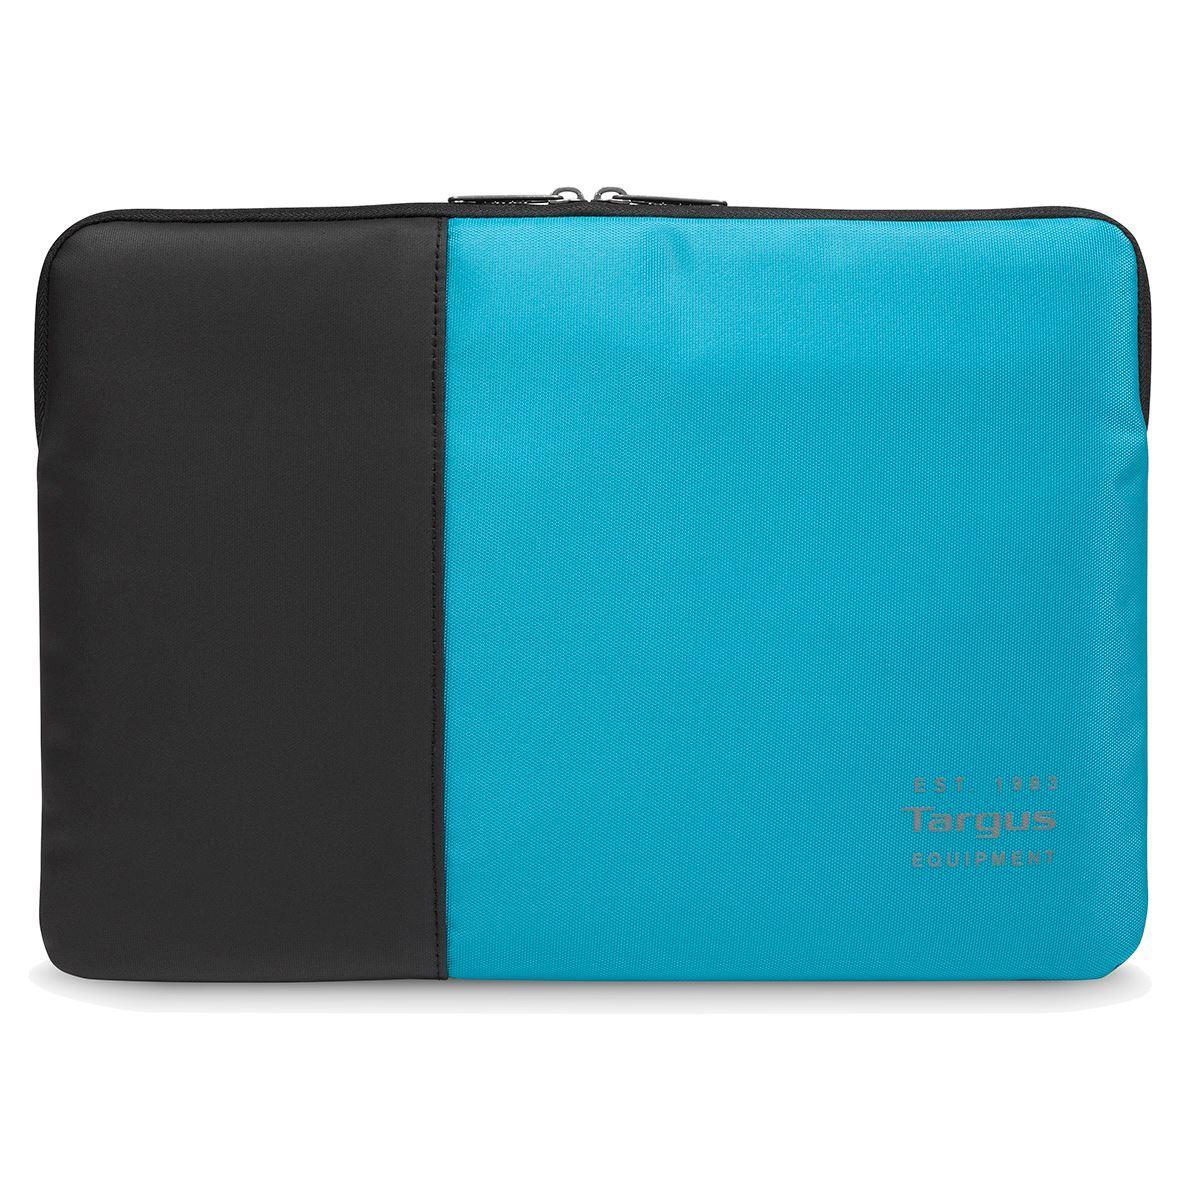 Husa Notebook Targus Pulse Sleeve 13.3 Black/Blue